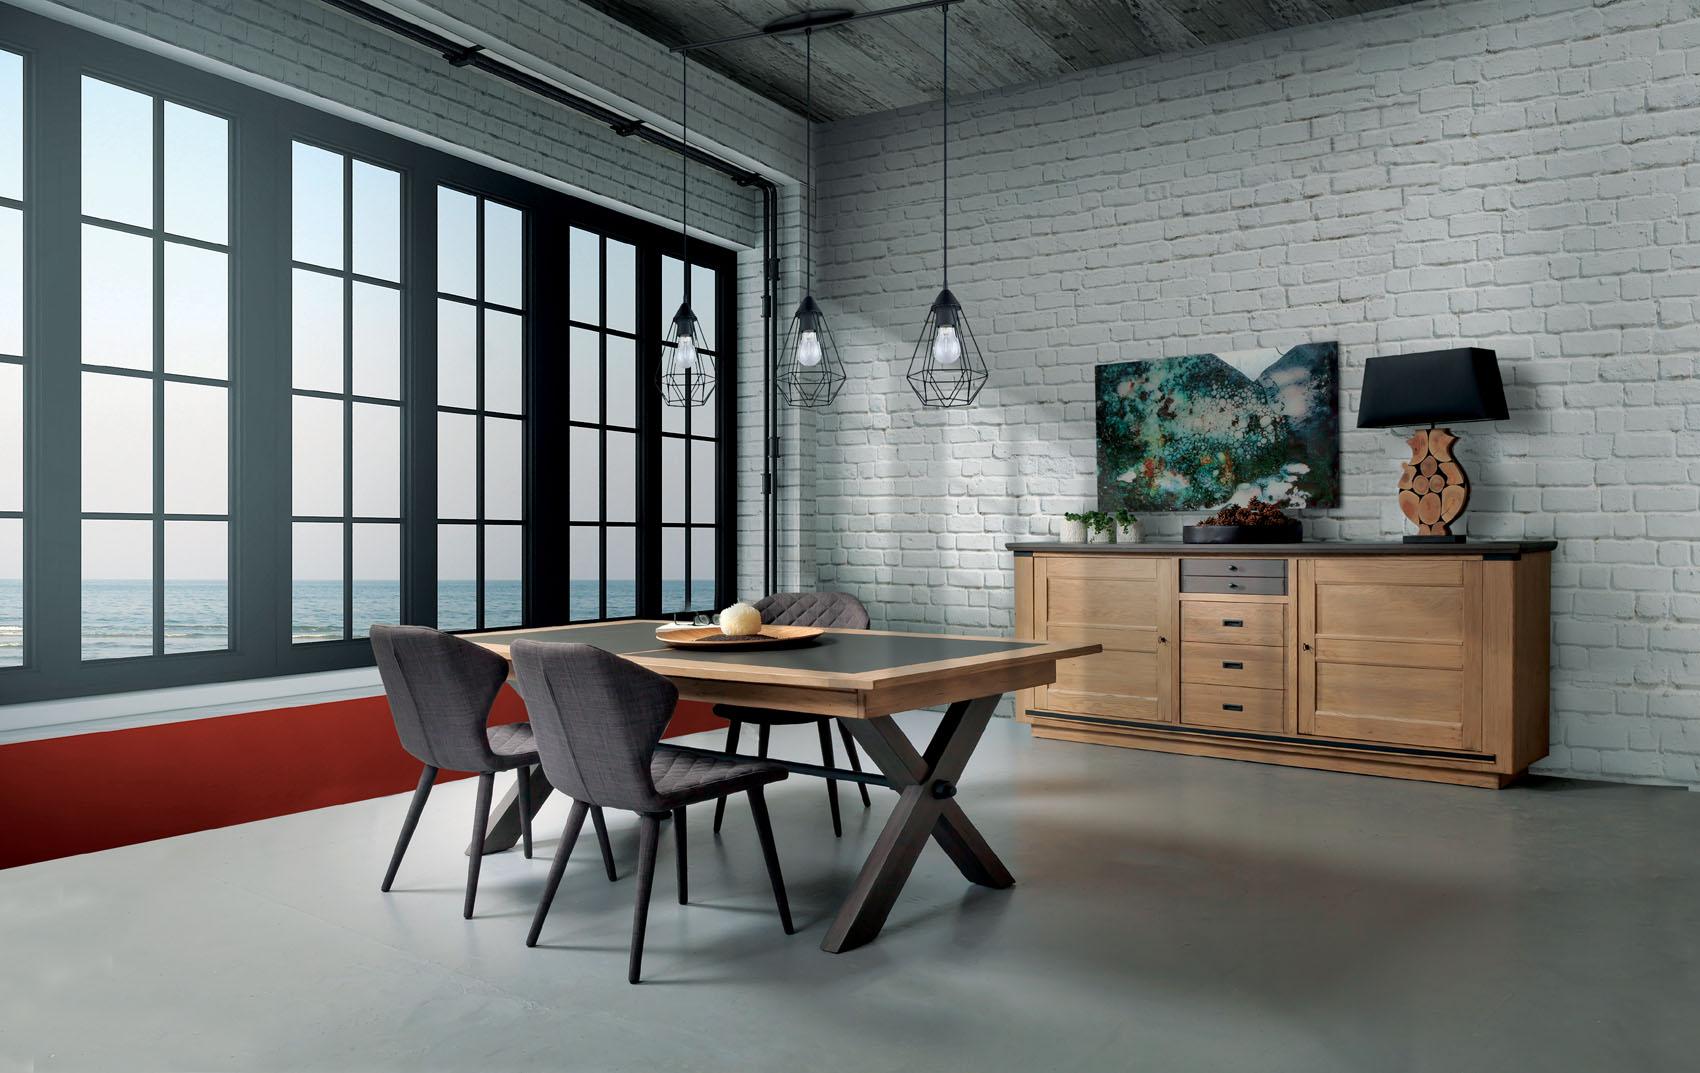 Meuble salle a manger magellan ateliers de langres meubles gibaud nord for Meuble salle a manger blanc